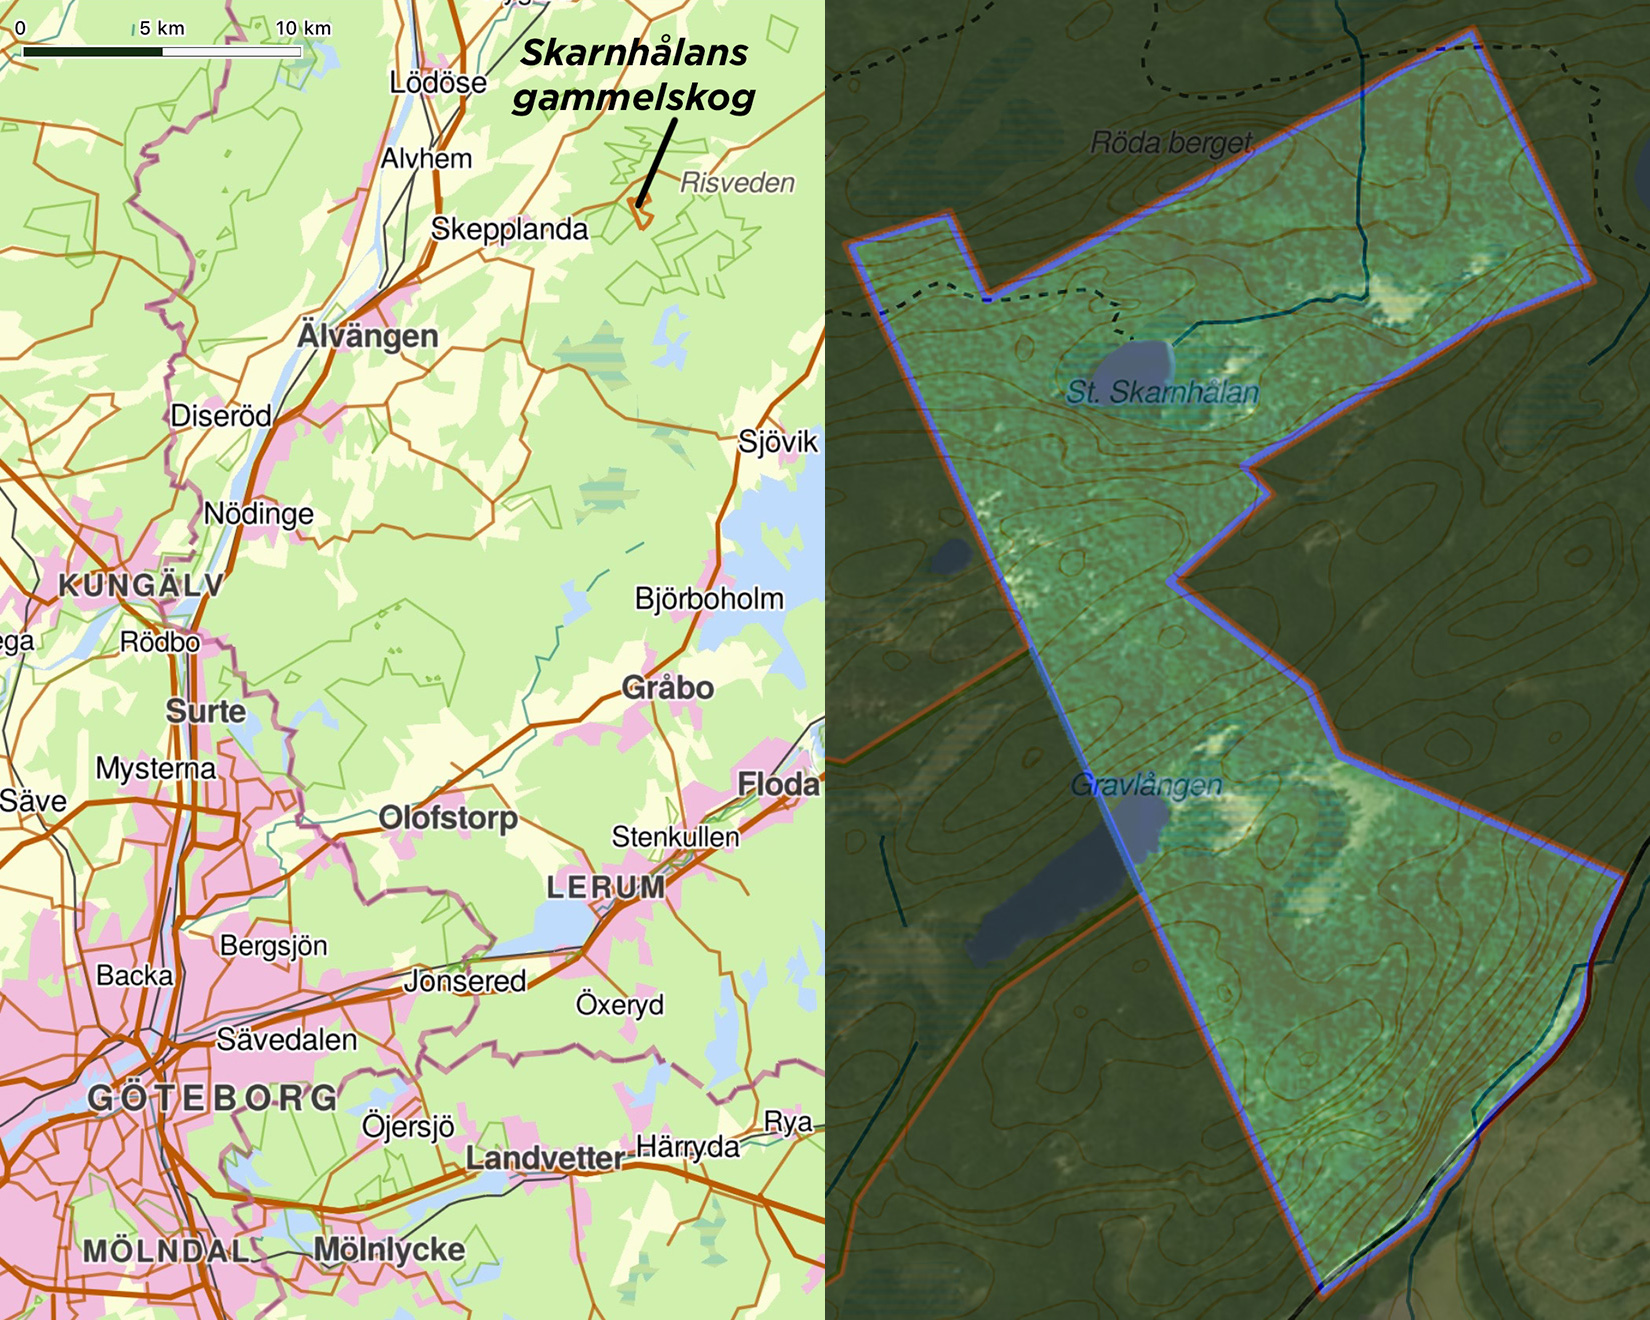 Karta Skarnhålans gammelskog